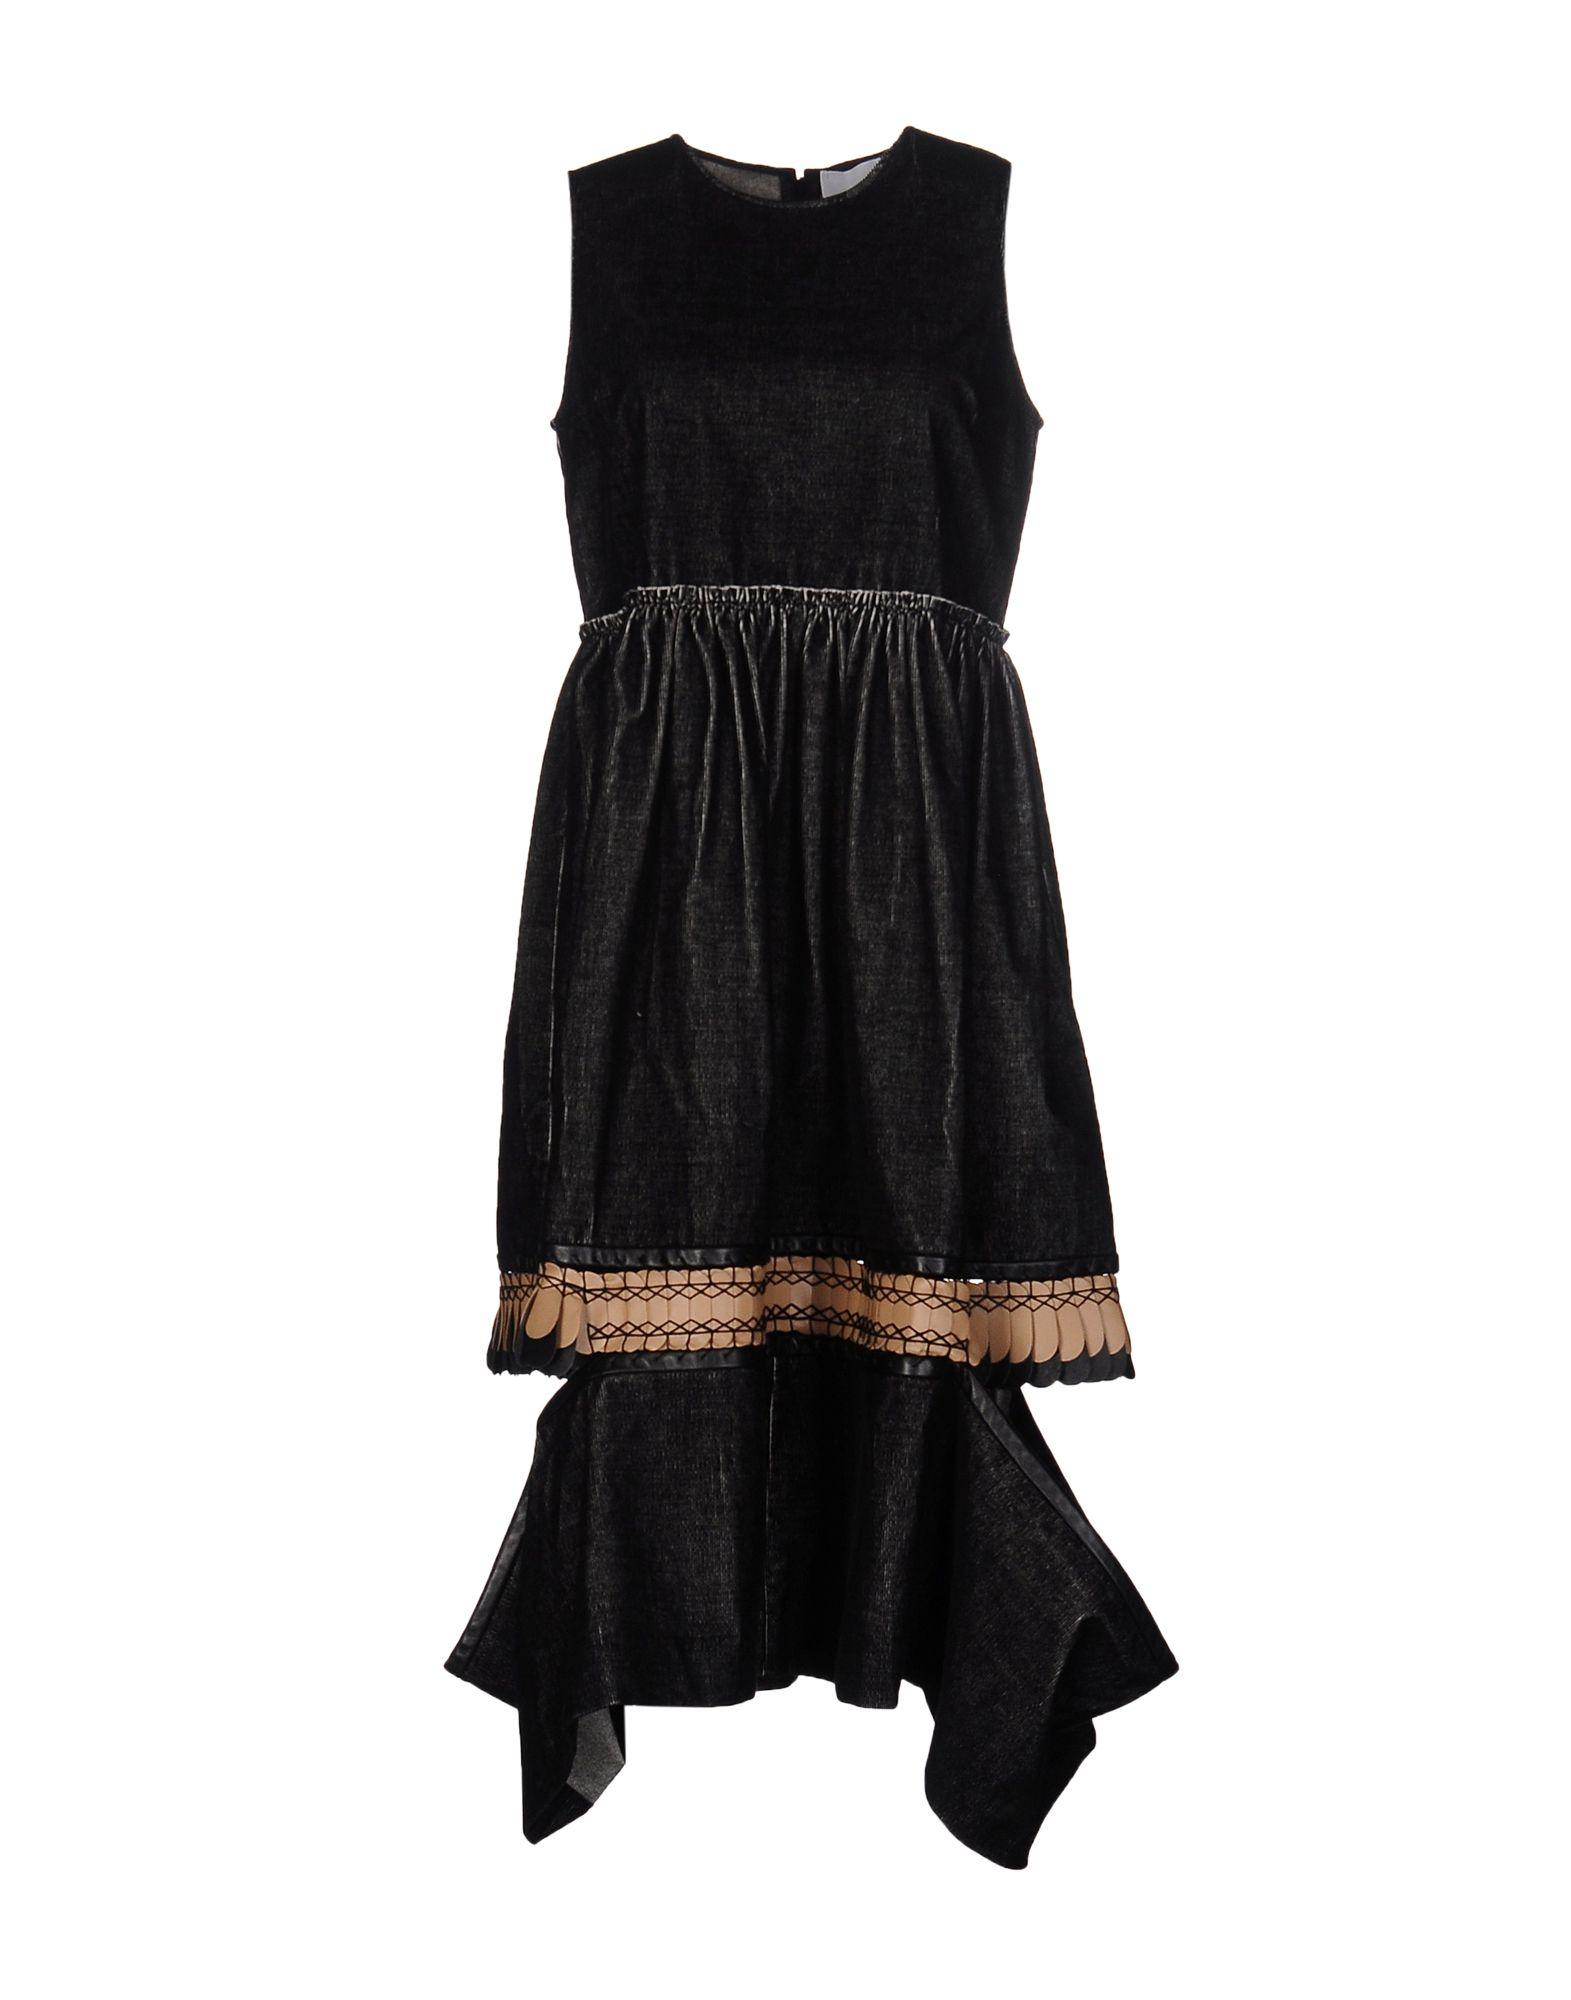 DANIELLE ROMERIL Knee-Length Dress in Black